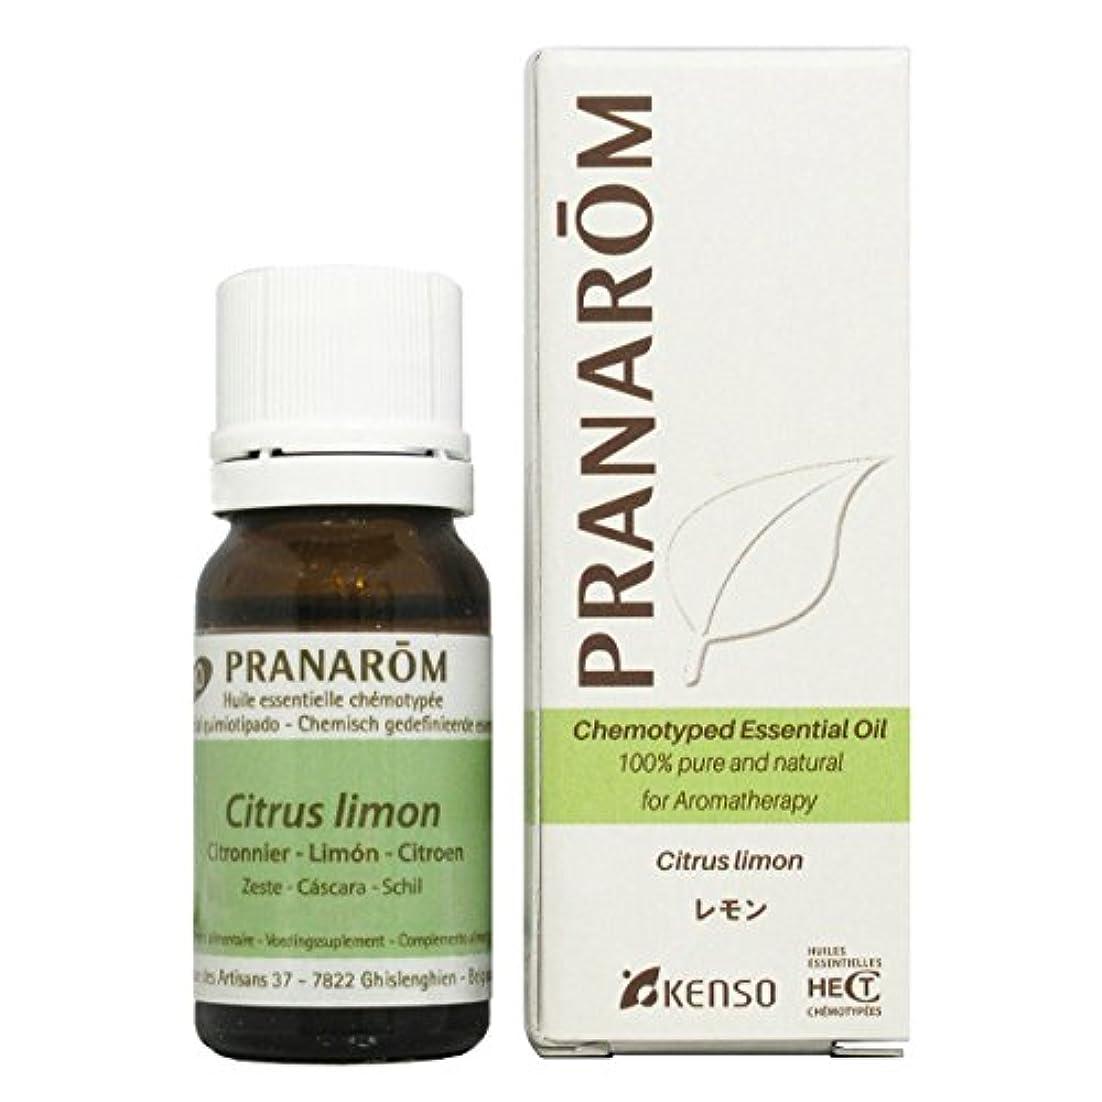 病気だと思う宿泊施設カウボーイプラナロム レモン 10ml (PRANAROM ケモタイプ精油)